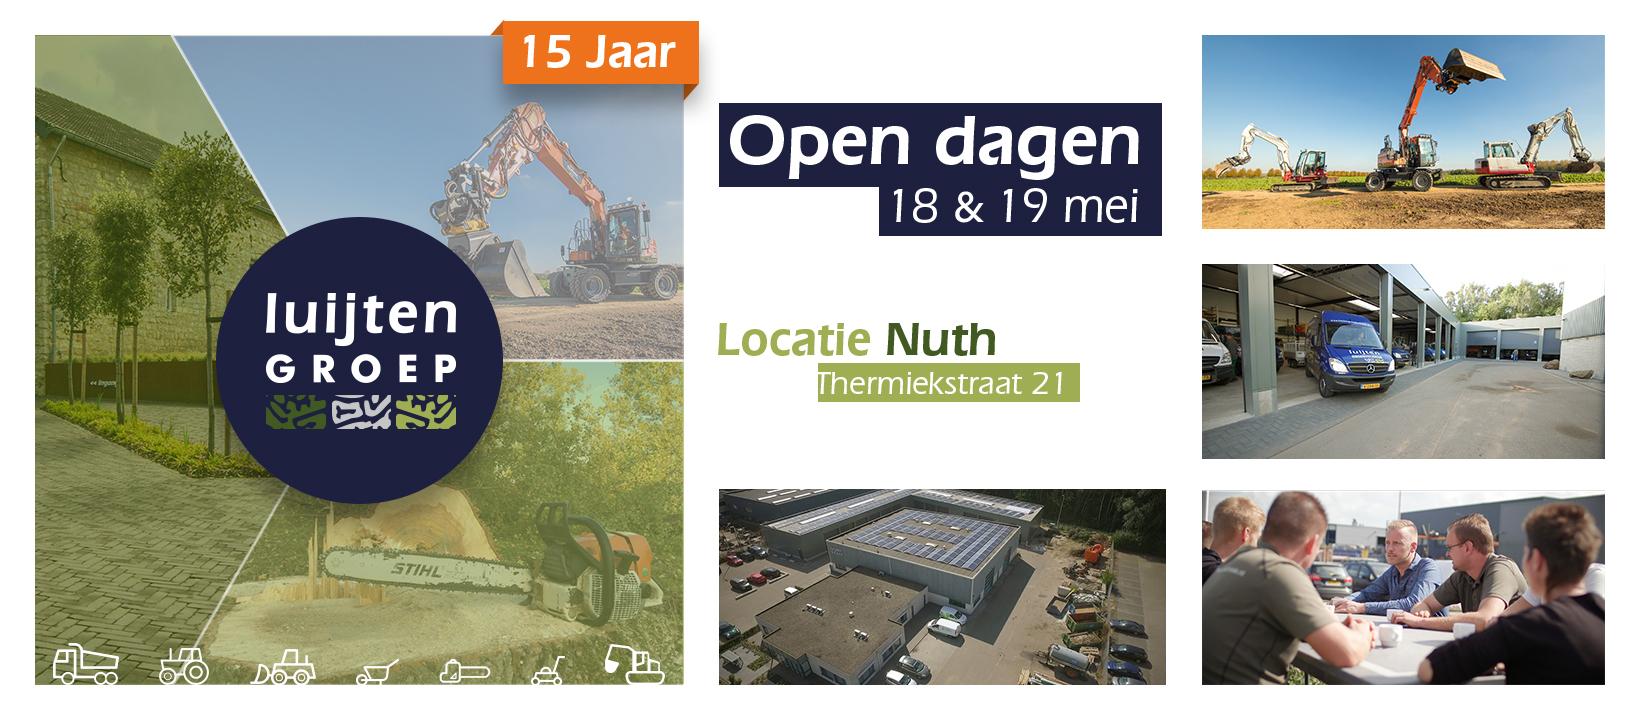 Luijten Groep Open Dag